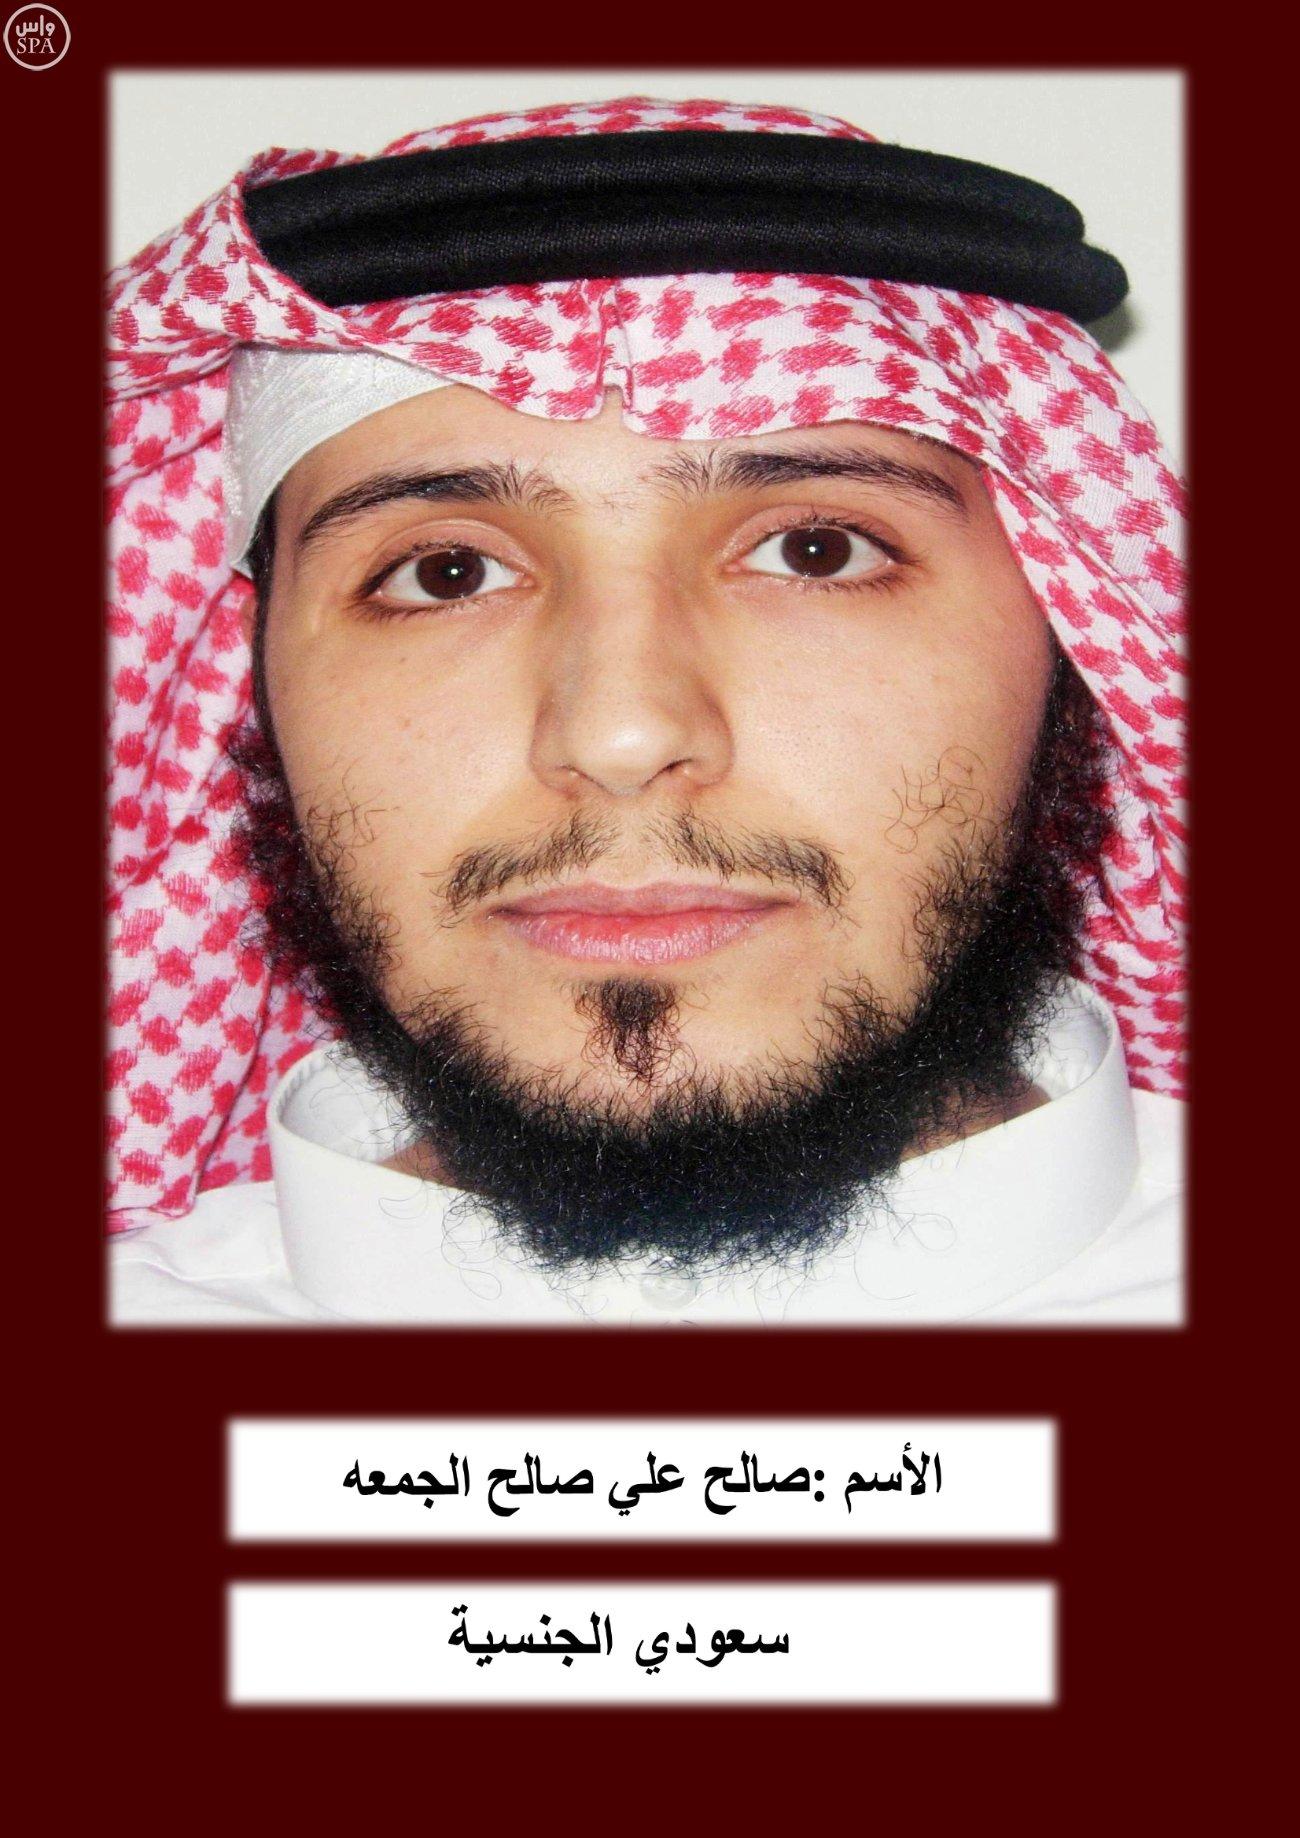 ارهابيين-بالحدود (5)